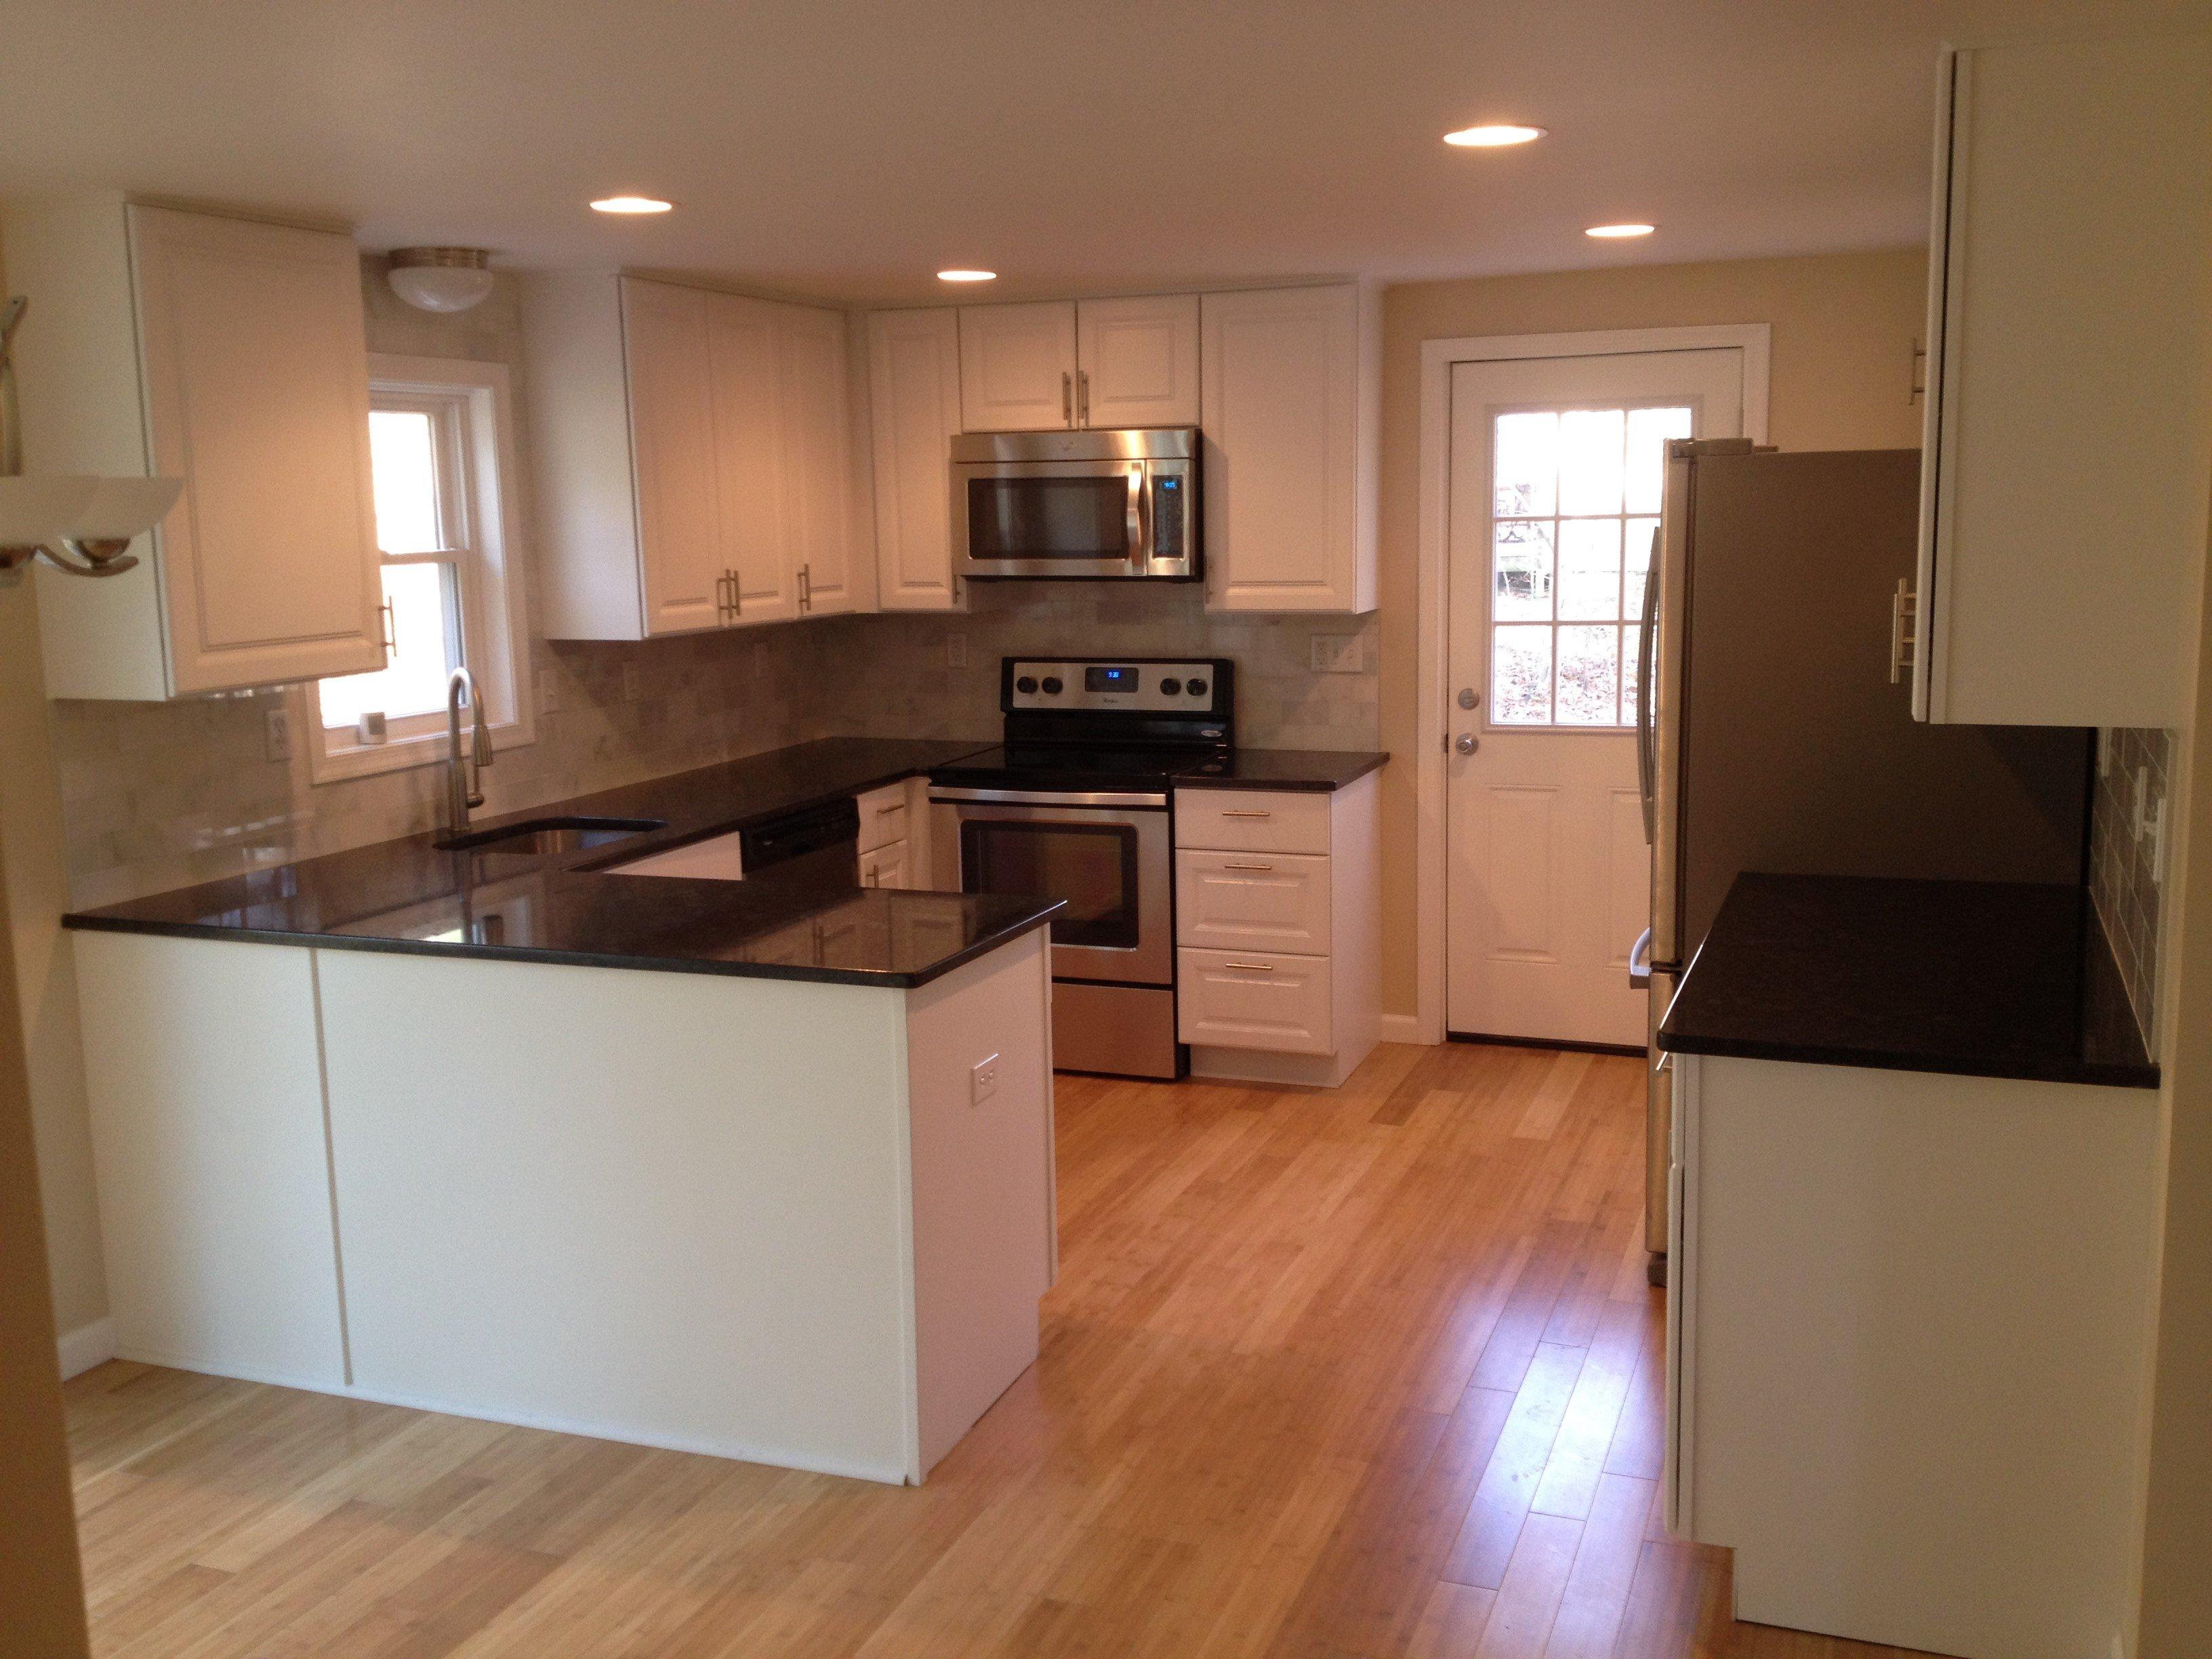 Kitchen Renovations Connecticut